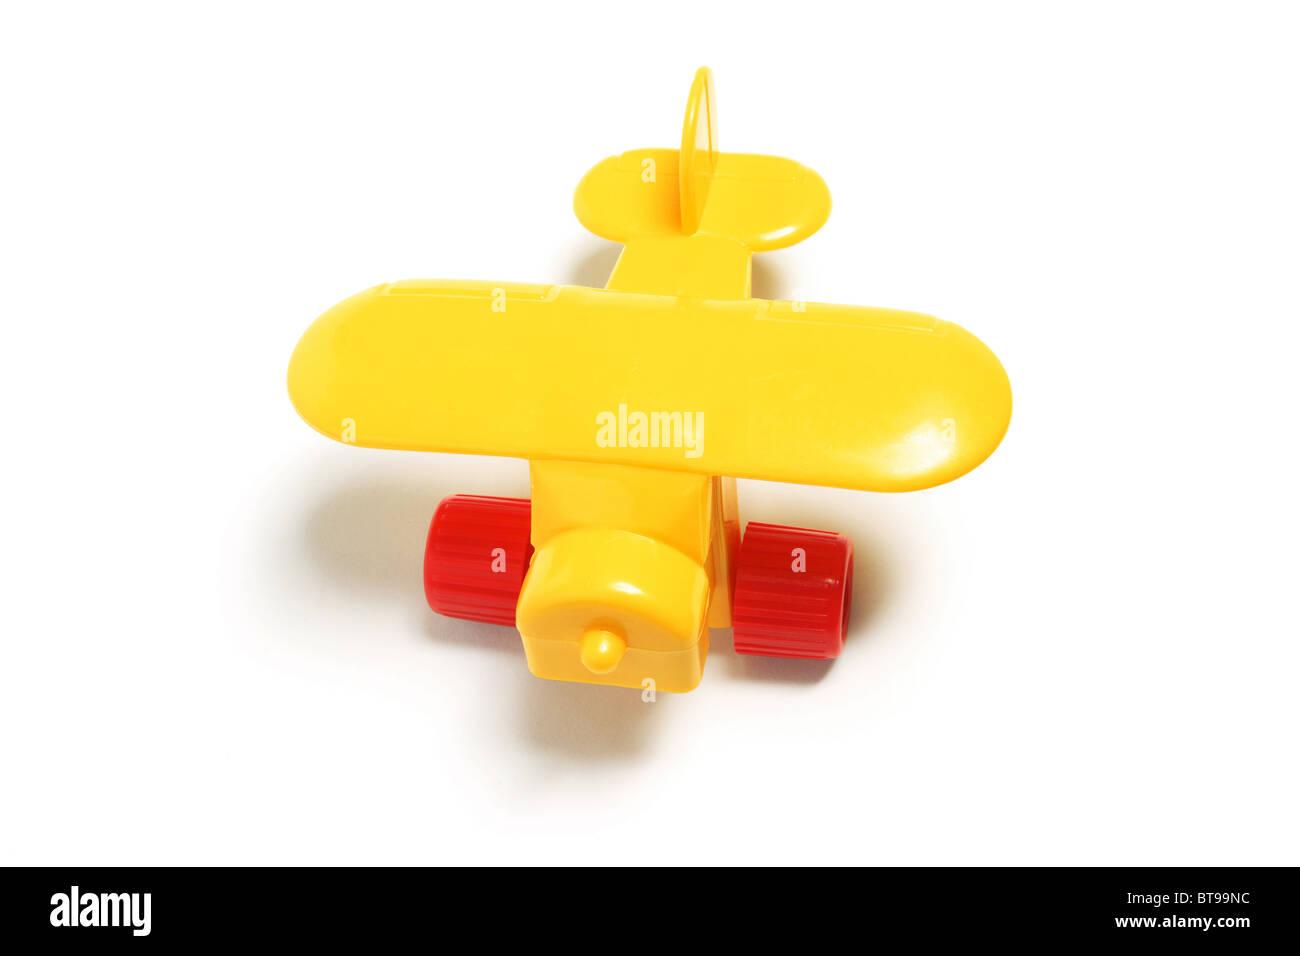 Plastic Toy Plane - Stock Image